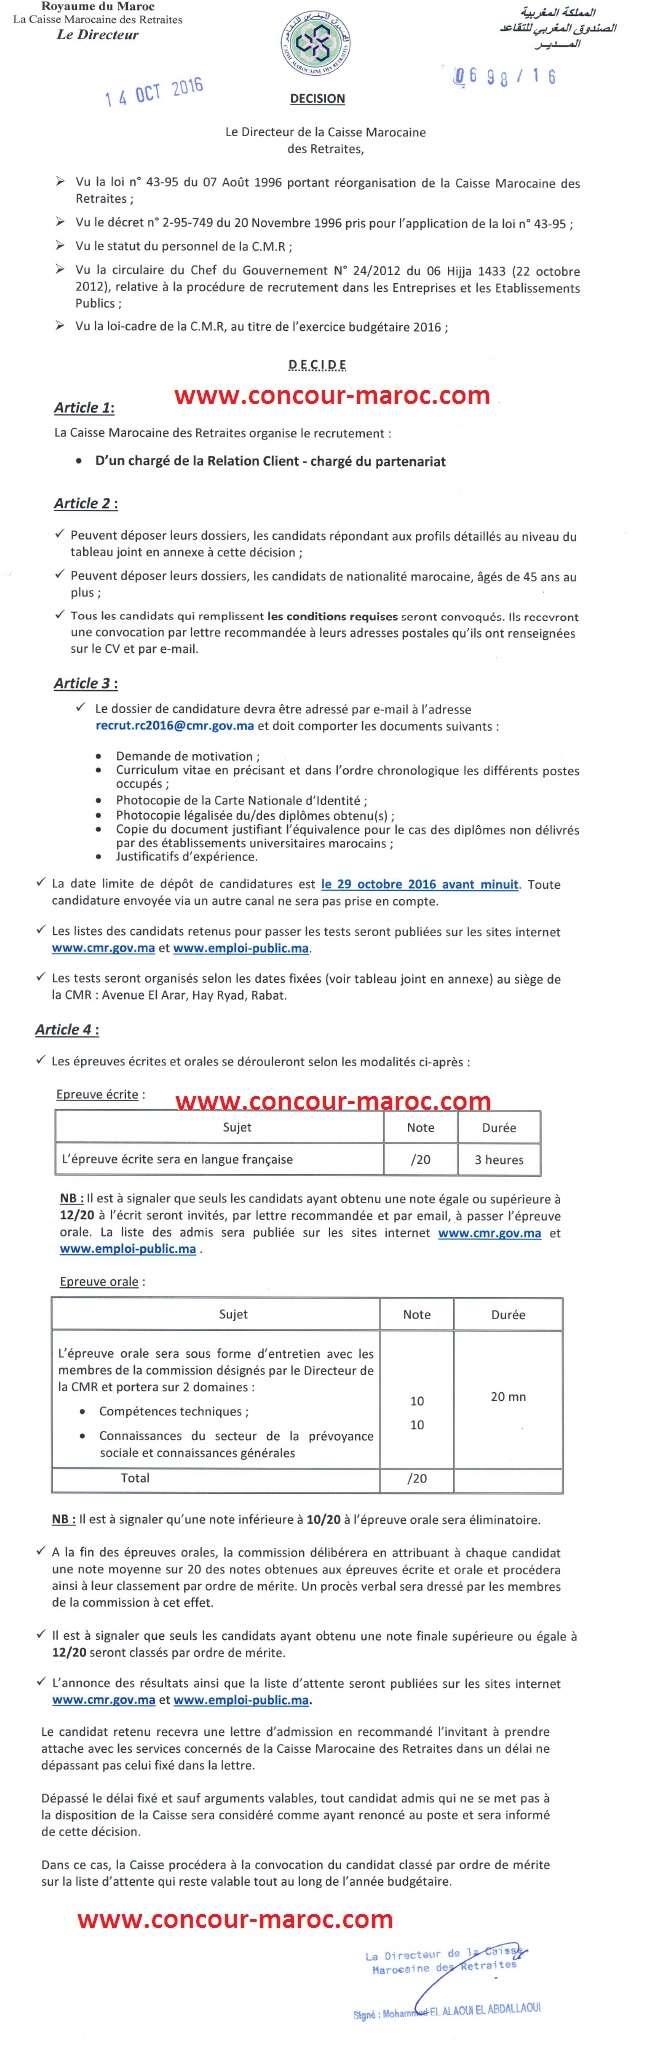 الصندوق المغربي للتقاعد : مباراة لتوظيف مكلف بالشراكة (1 منصب) آخر أجل لإيداع الترشيحات 29 اكتوبر 2016 Concou32